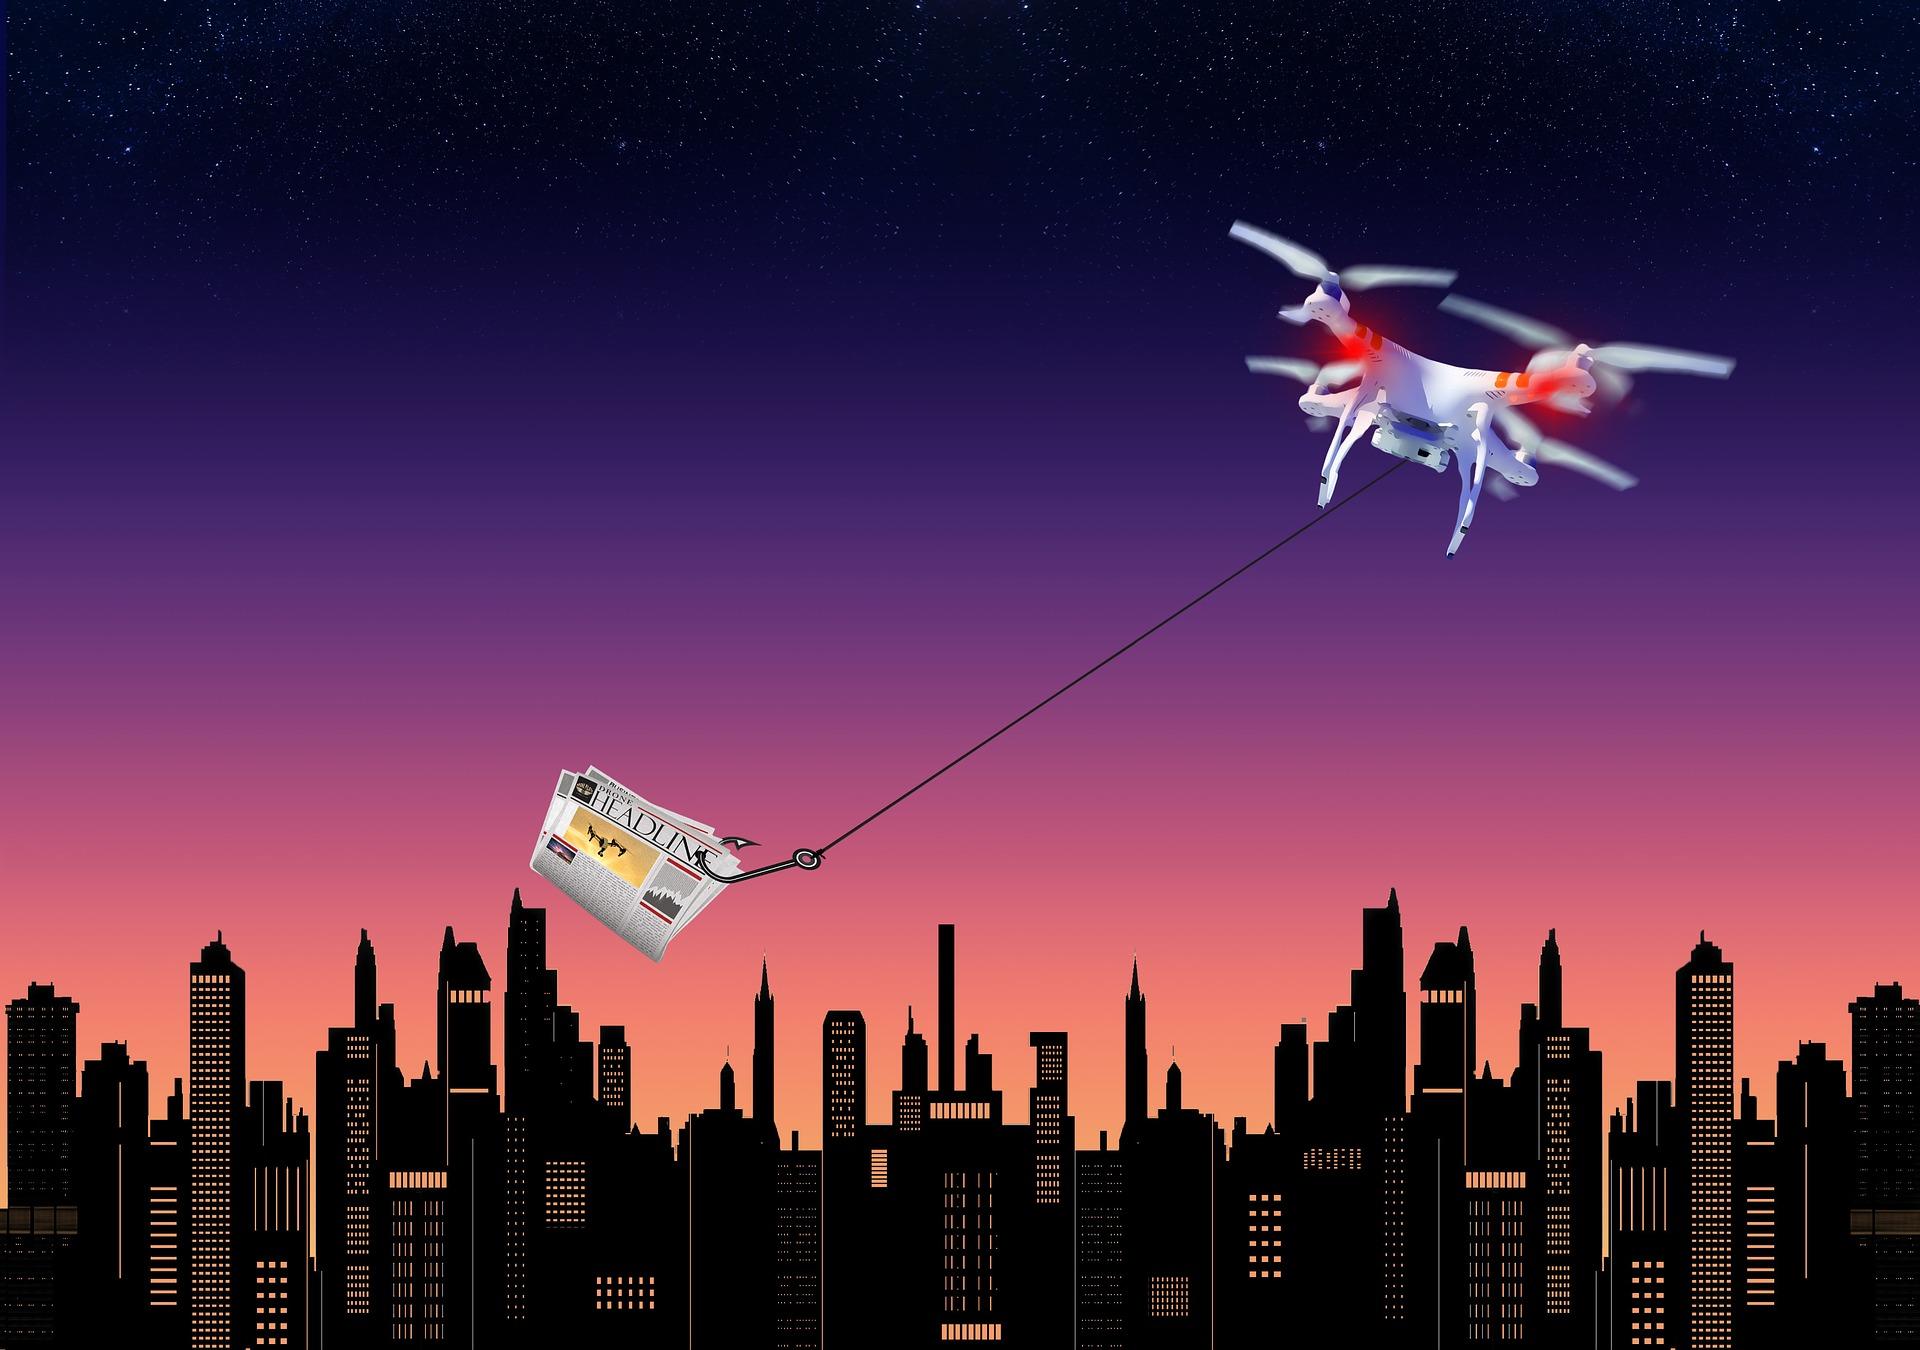 drone-1863029_1920